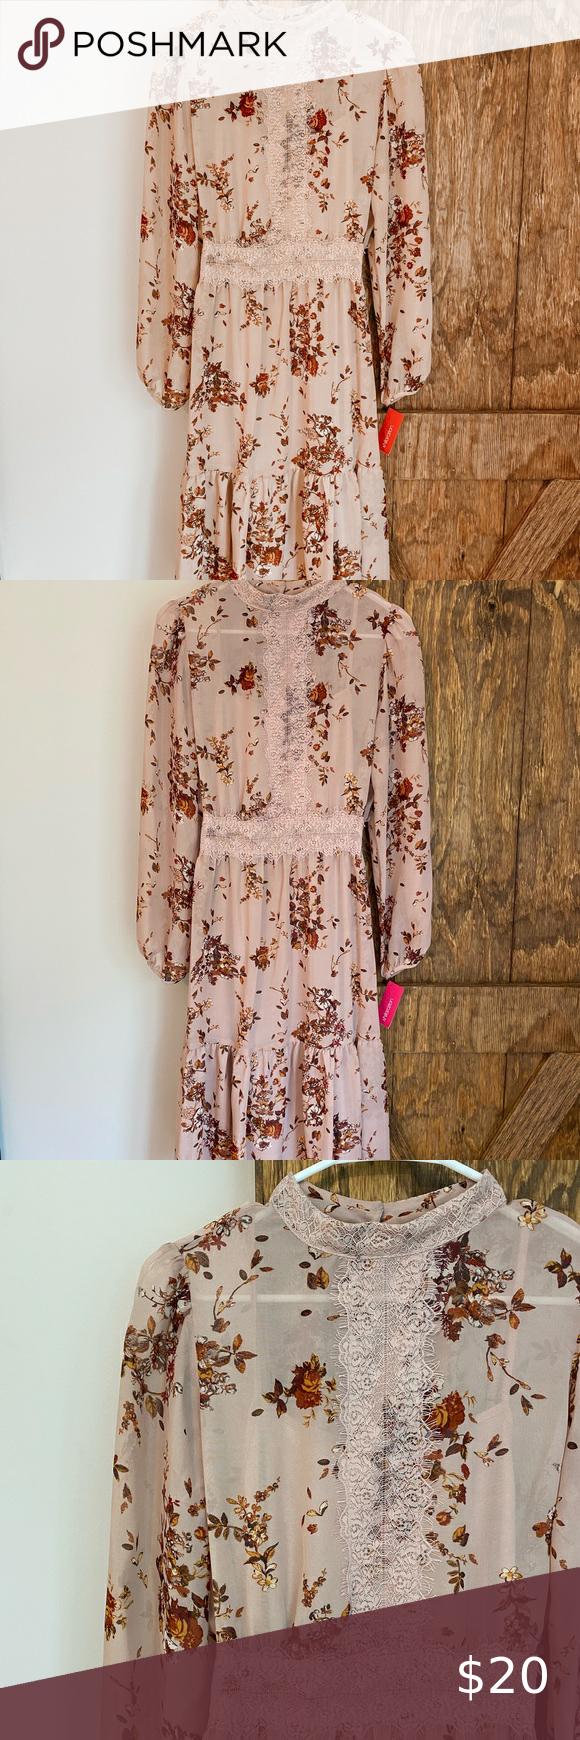 Target Pink Floral Dress Pink Floral Dress Floral Dress Dresses [ 1740 x 580 Pixel ]